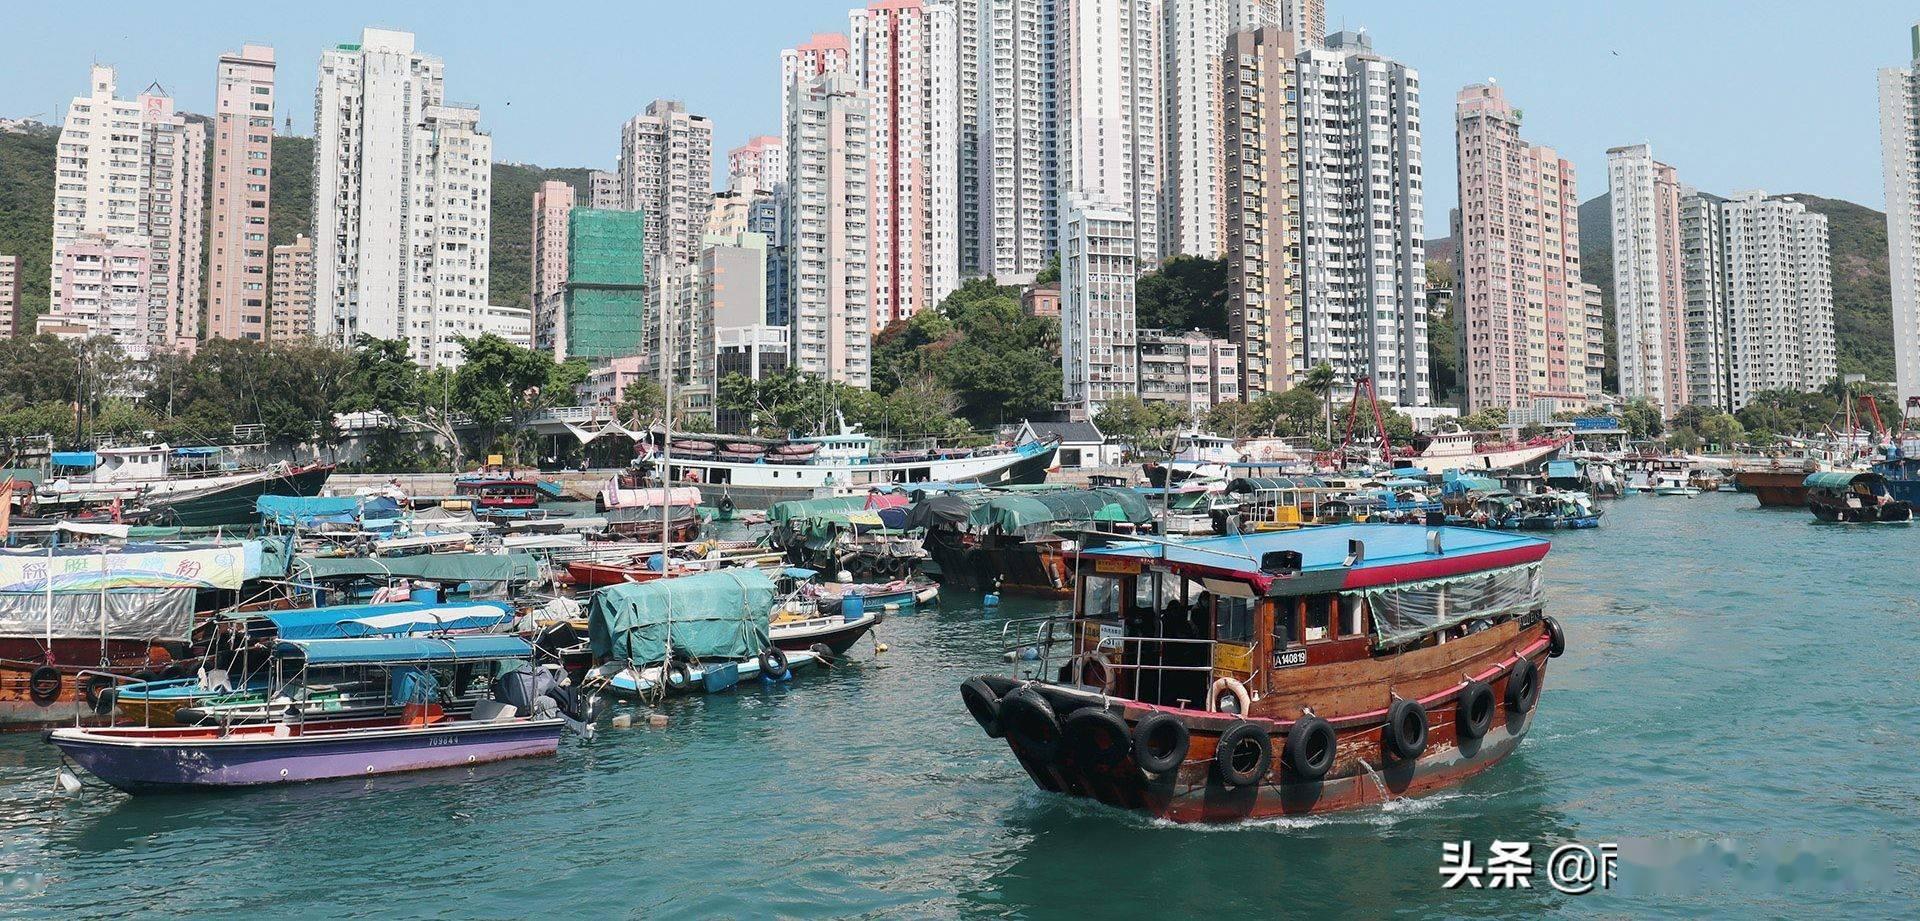 中国的人口密度_人口密度中国第一的岛:每平方公里68100人,密度是厦门岛的9.